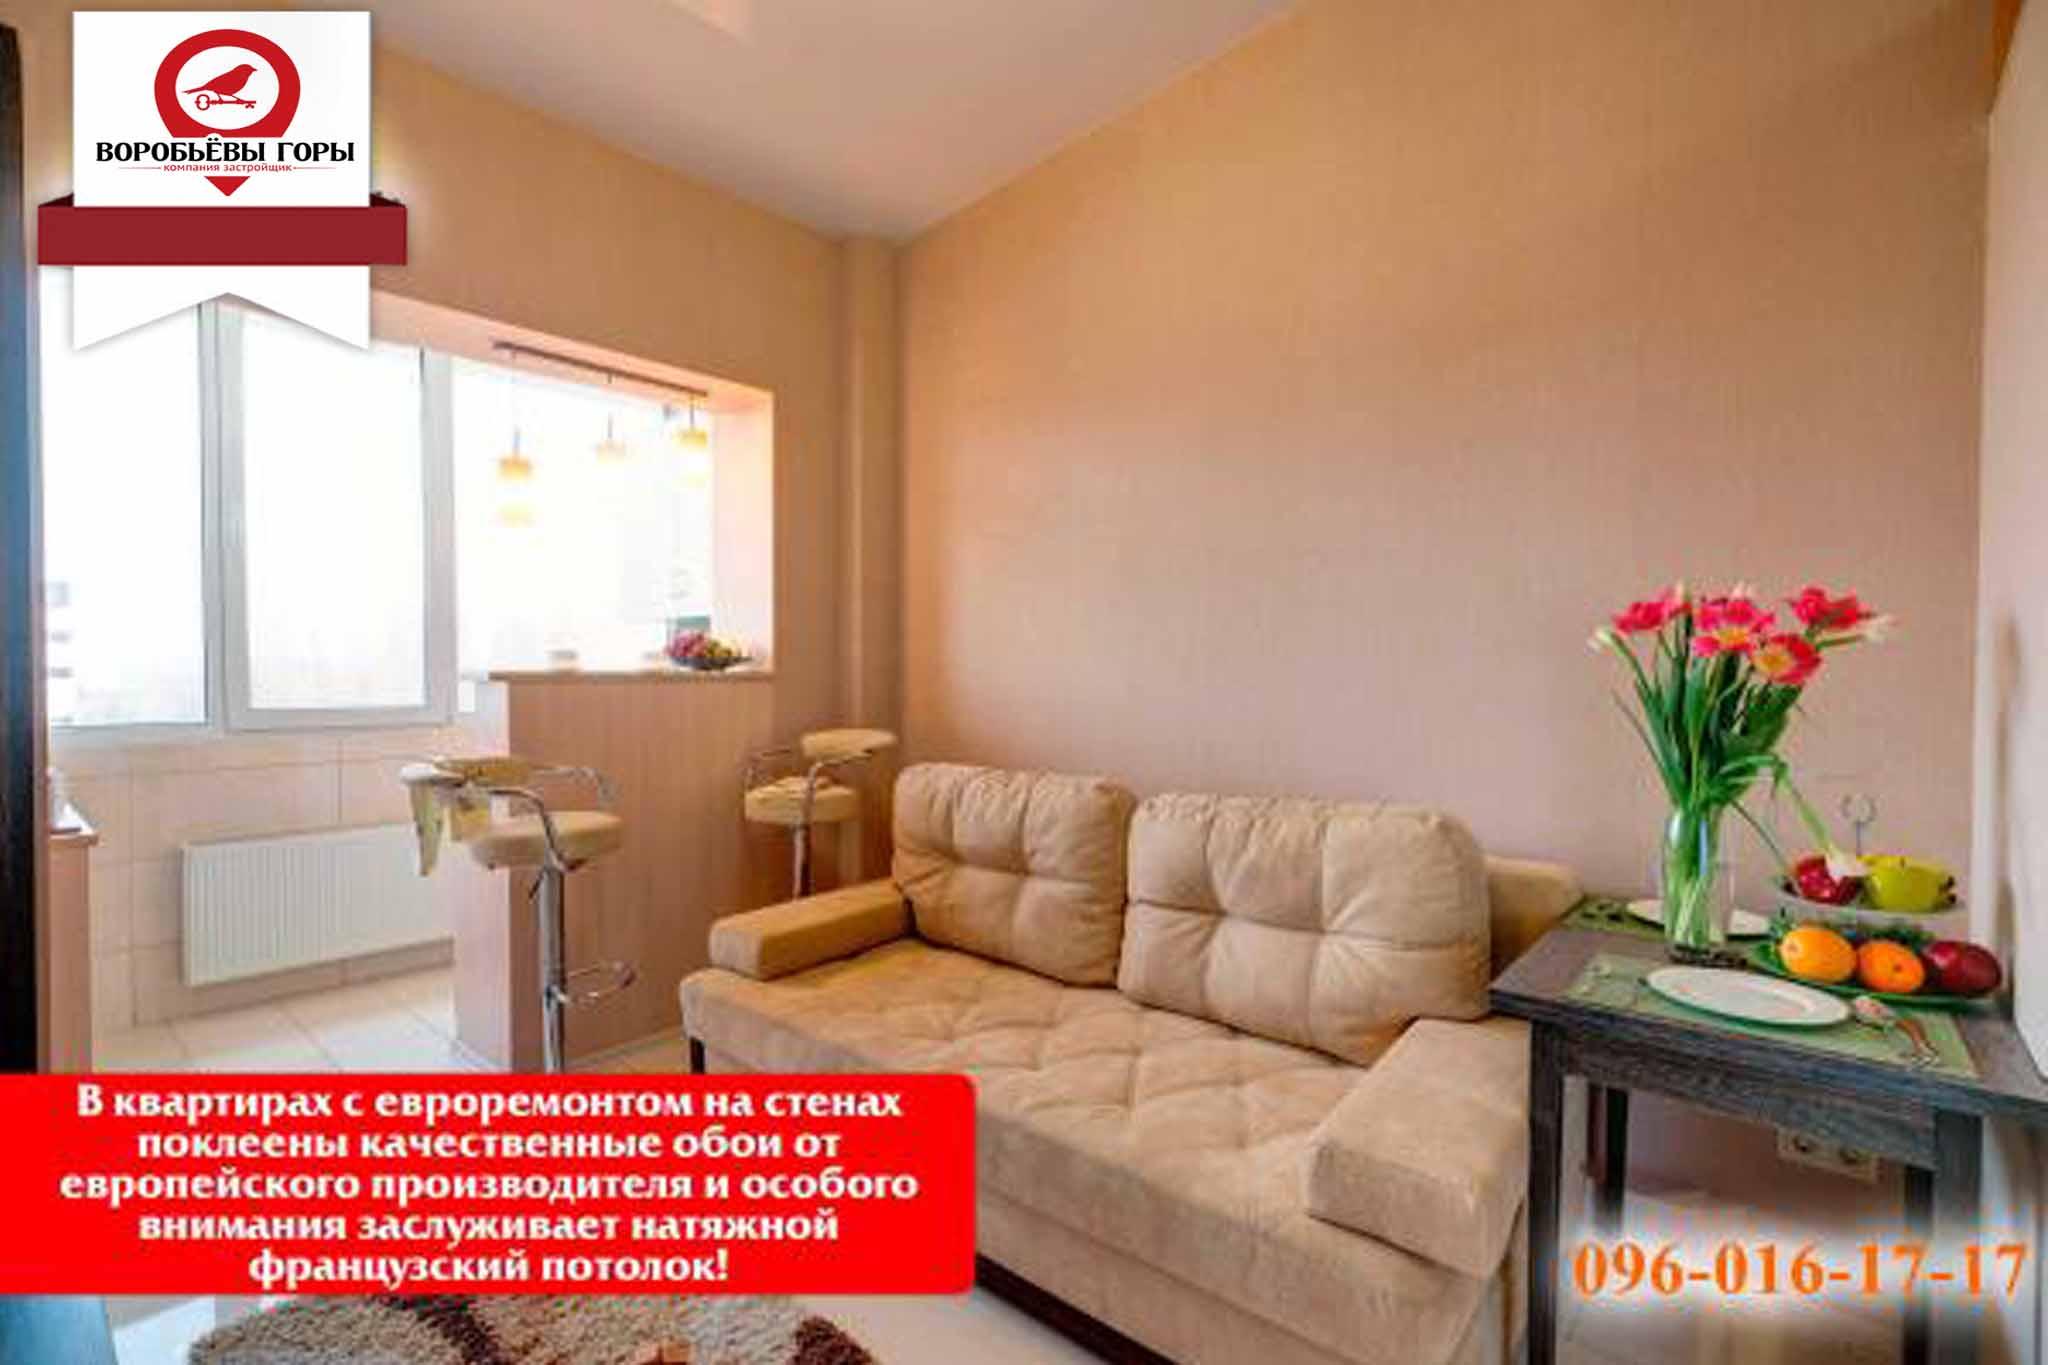 Двухэтажная квартира — МАКСИ предложение по МИНИ цене!